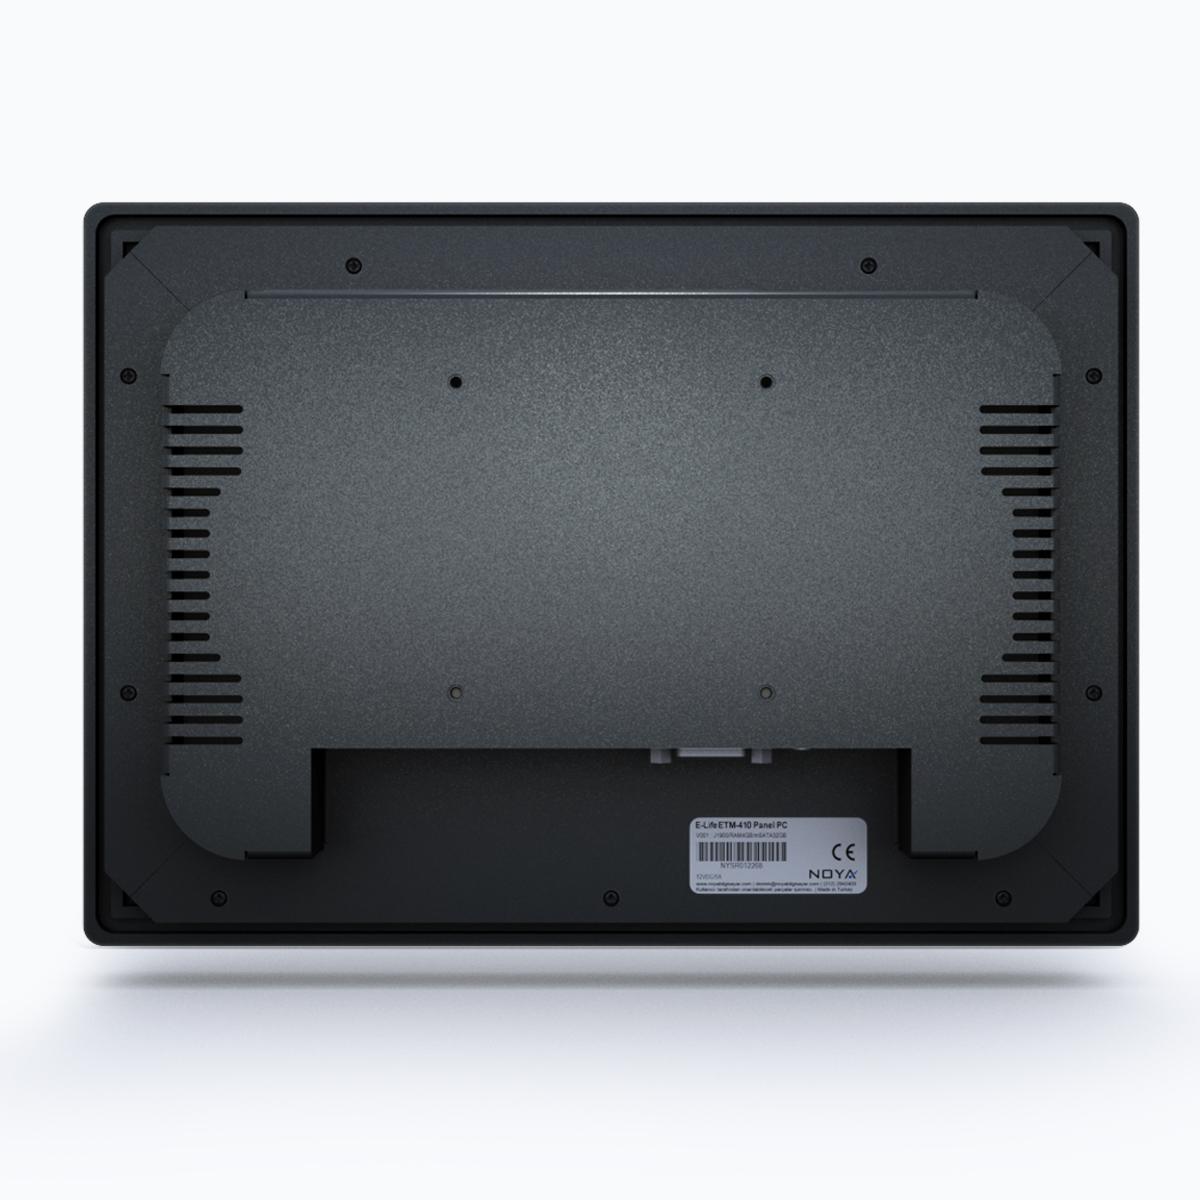 E-Life ETM-410 Endüstriyel Dokunmatik Monitör